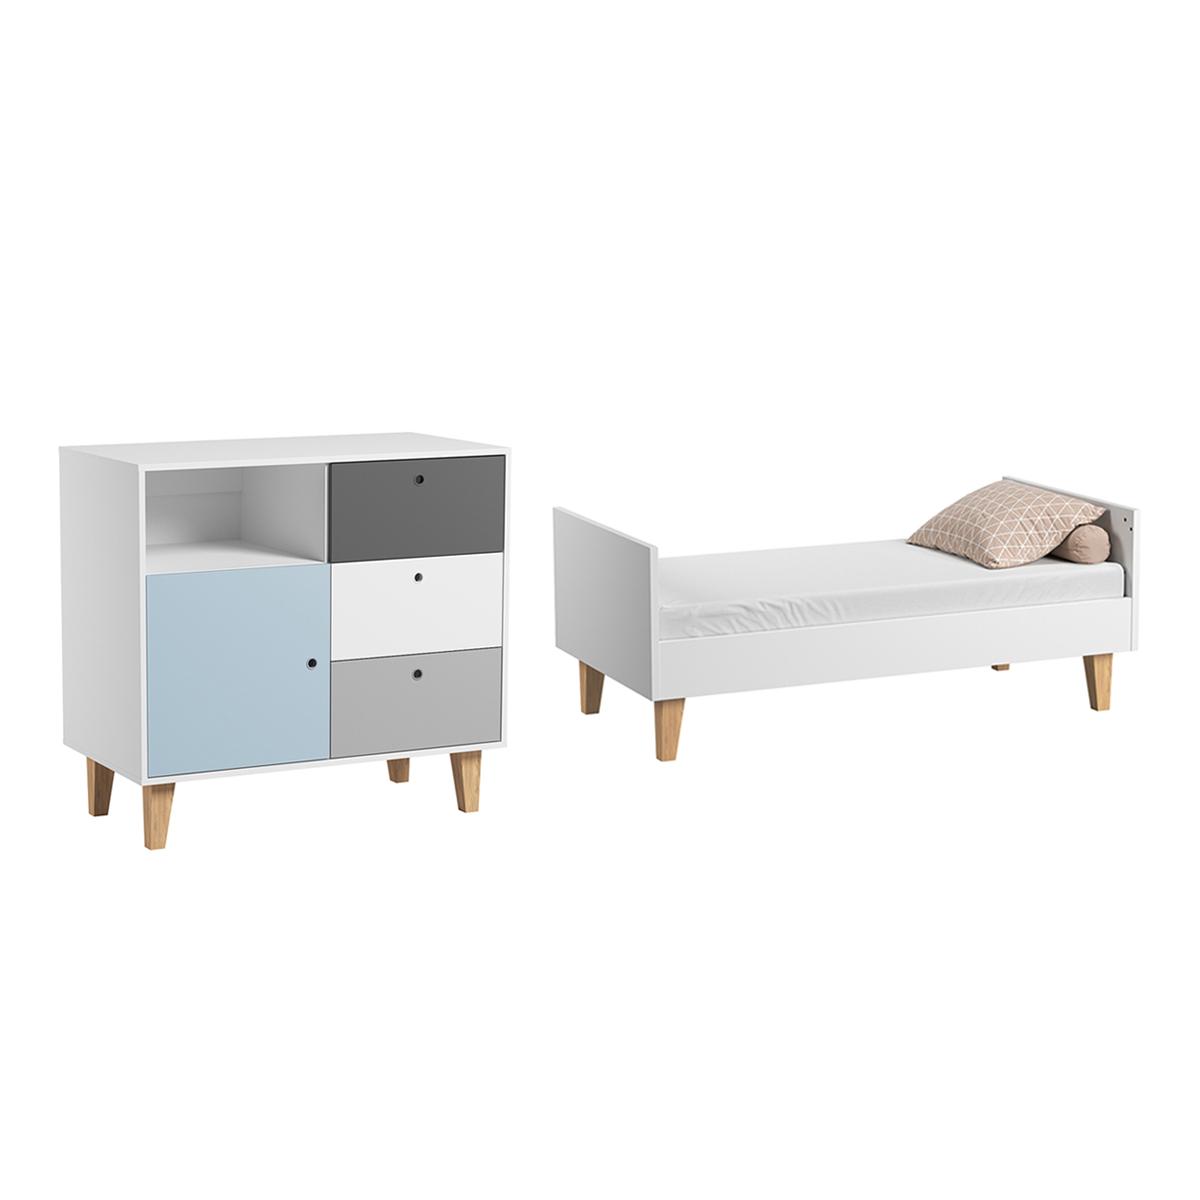 Lit évolutif 70x140 et Commode à langer Vox Concept - Bleu